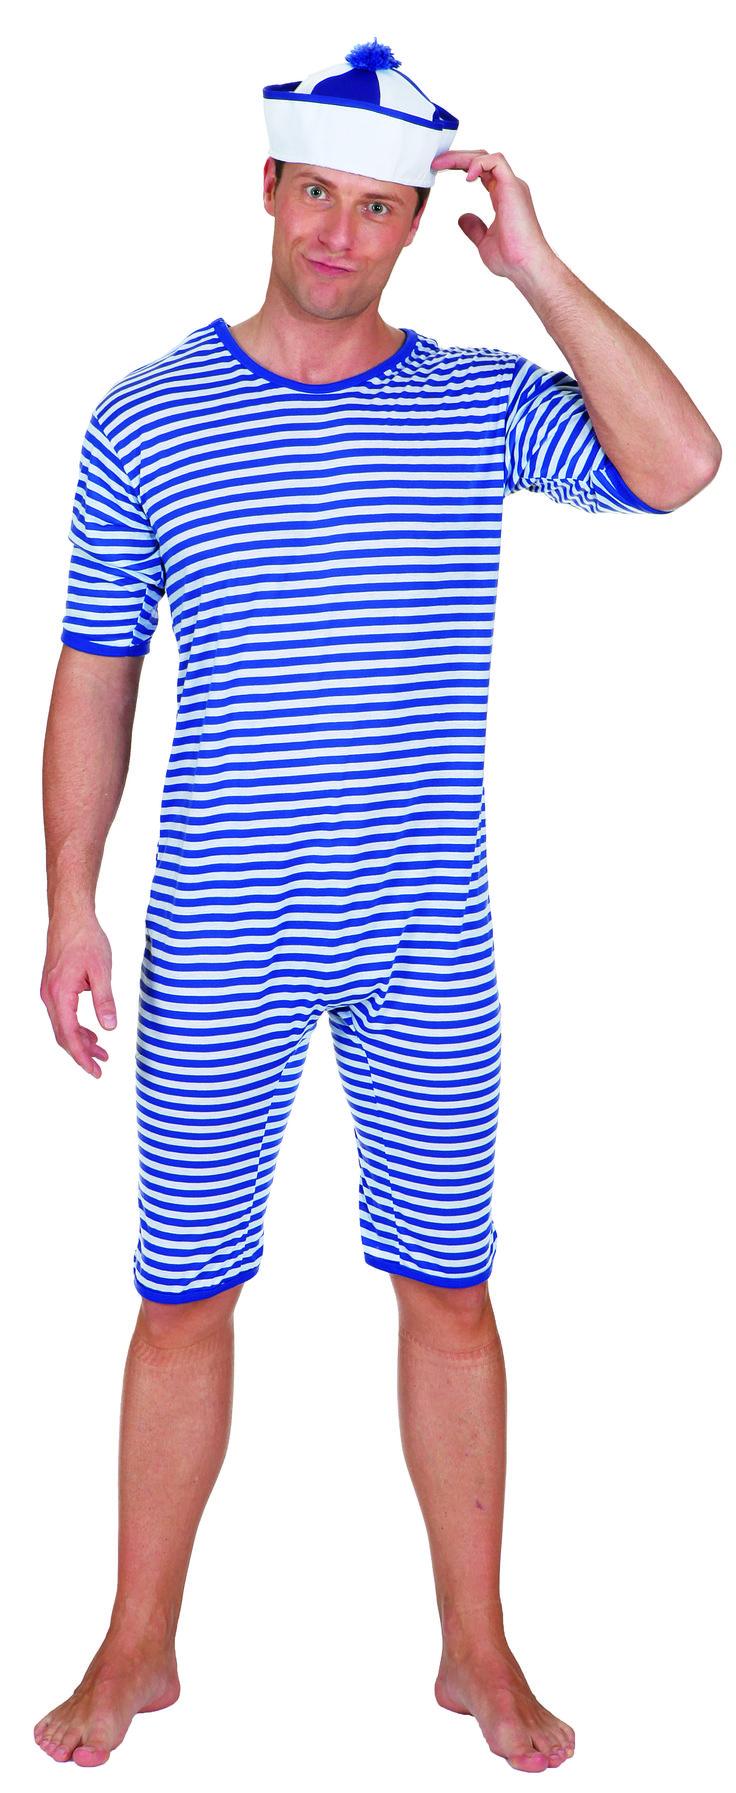 Kostüm Schwimmer, histor. Badeanzug der 20er Jahre, Ringelware blau/weiß